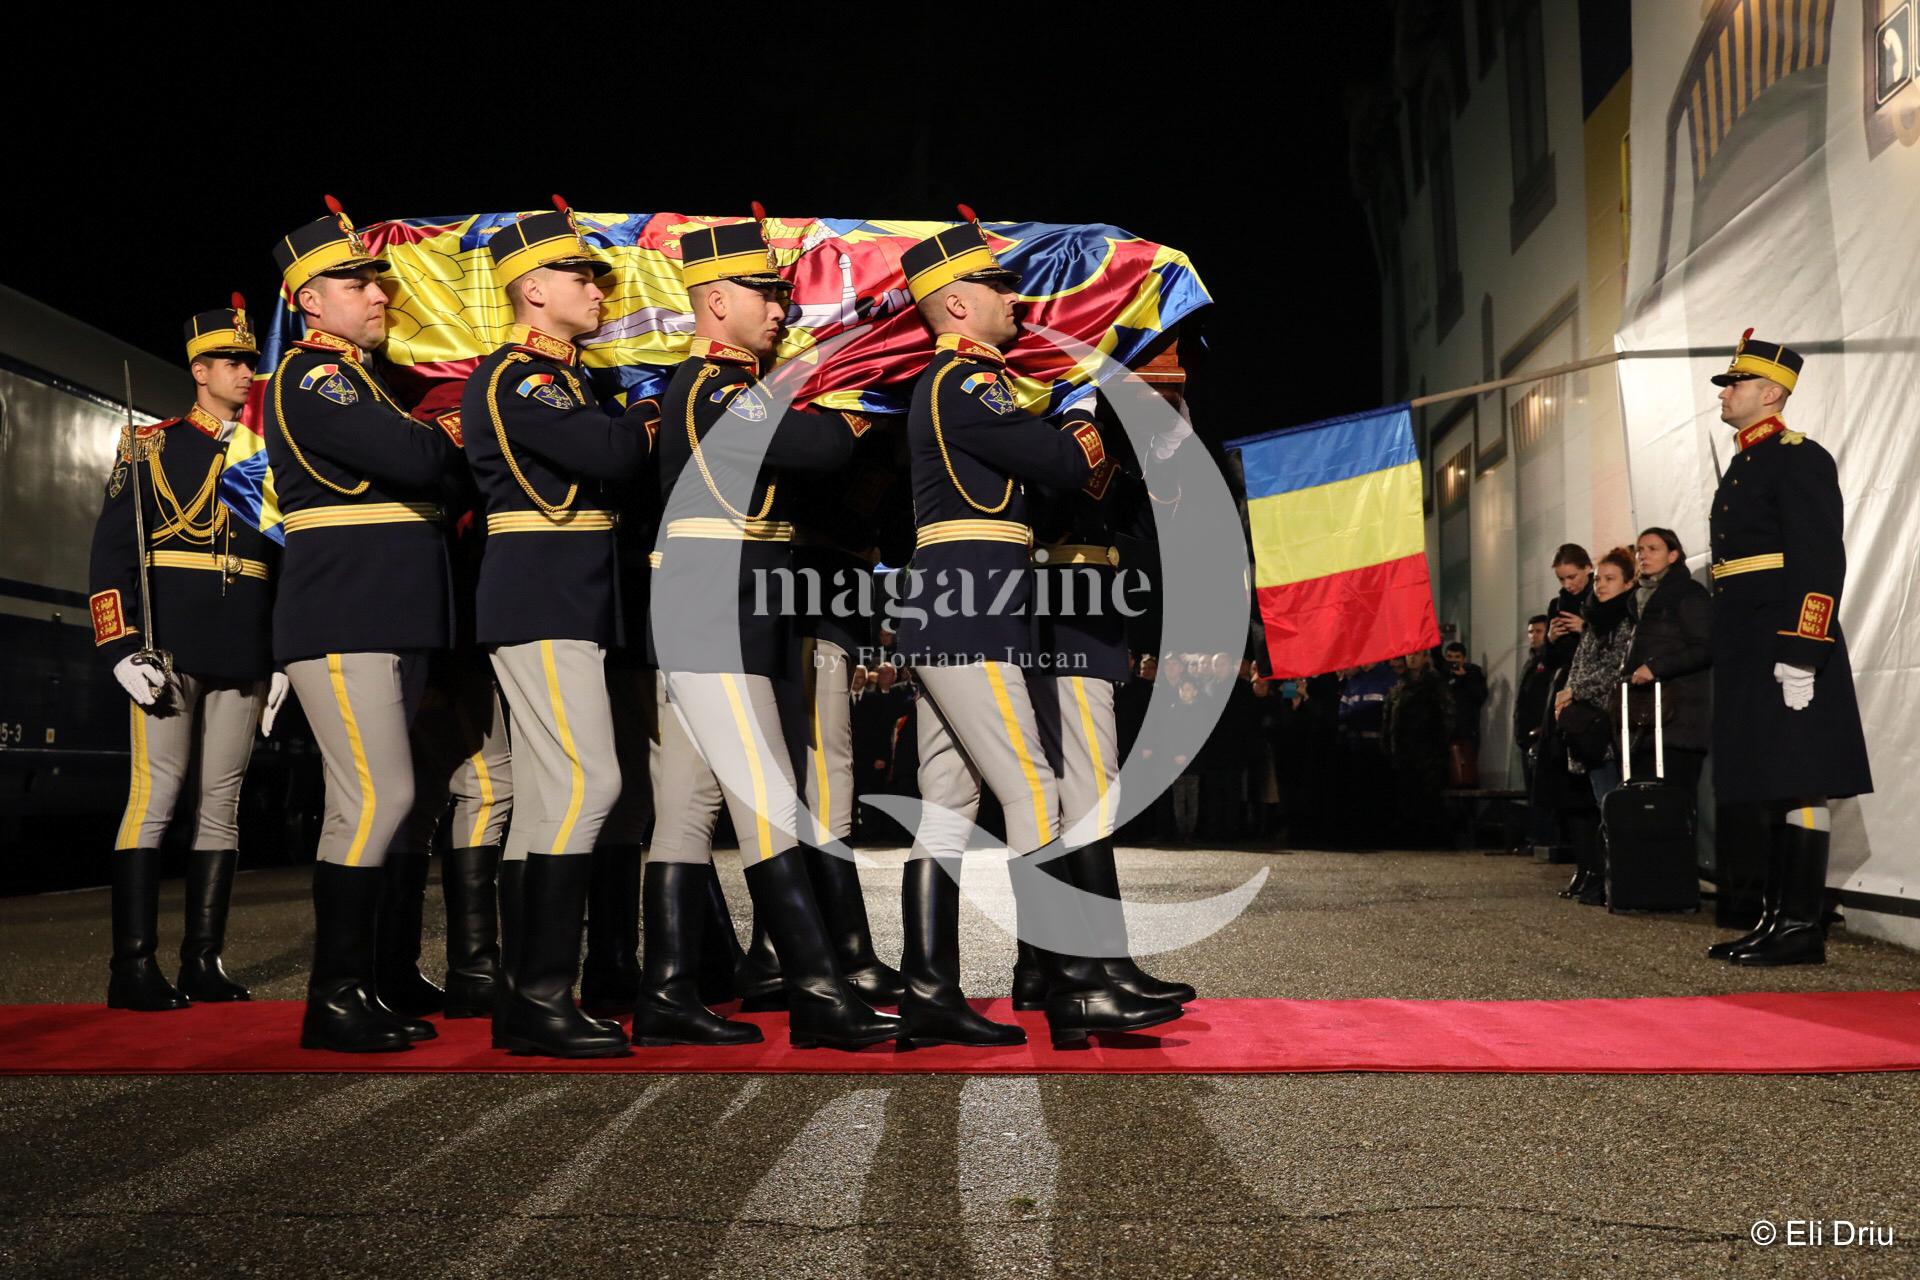 Funeraliile-Regelui-Mihai-Q-Magazine-28